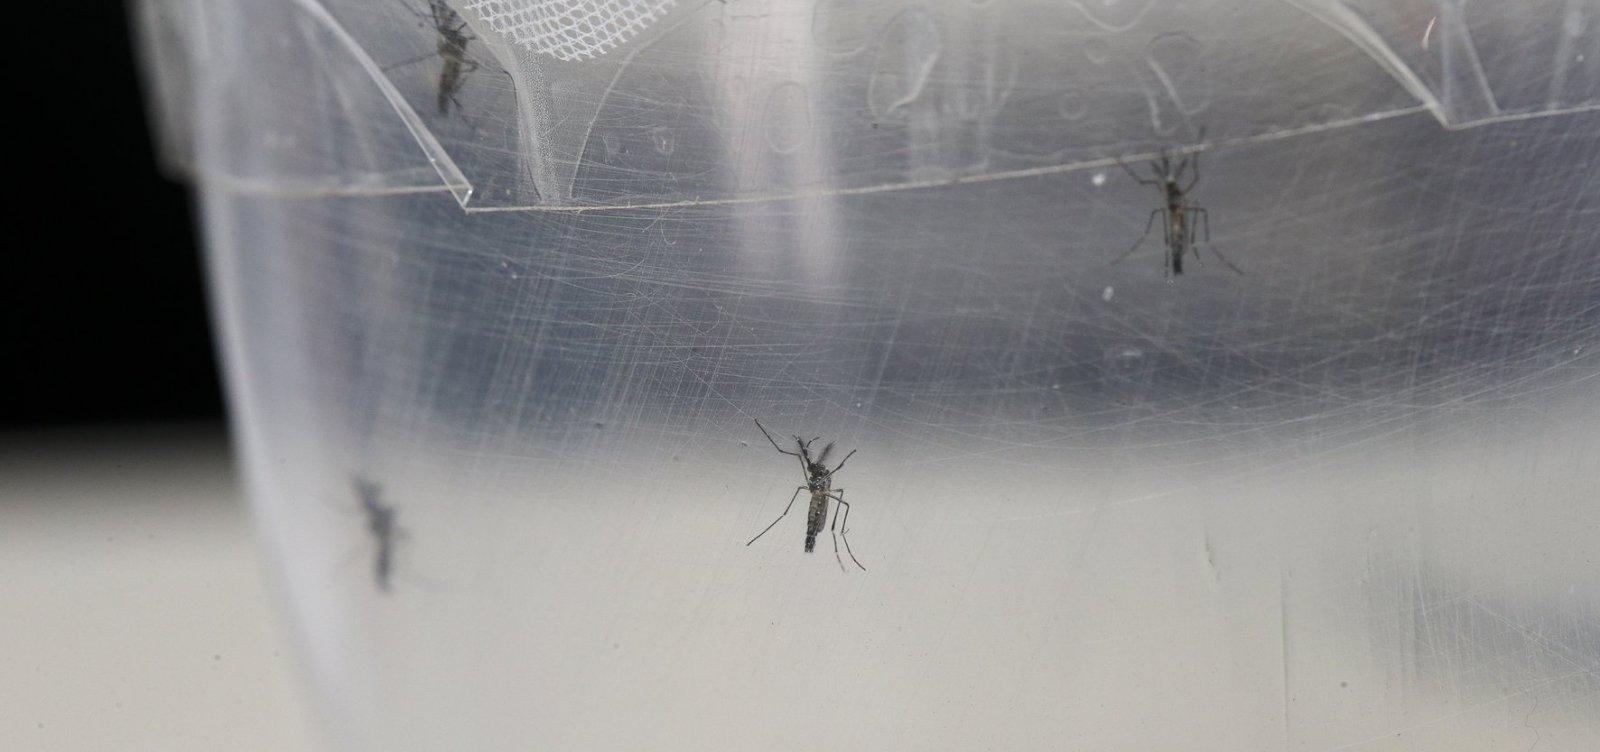 [Casos de dengue aumentam sete vezes no Brasil em 2019]